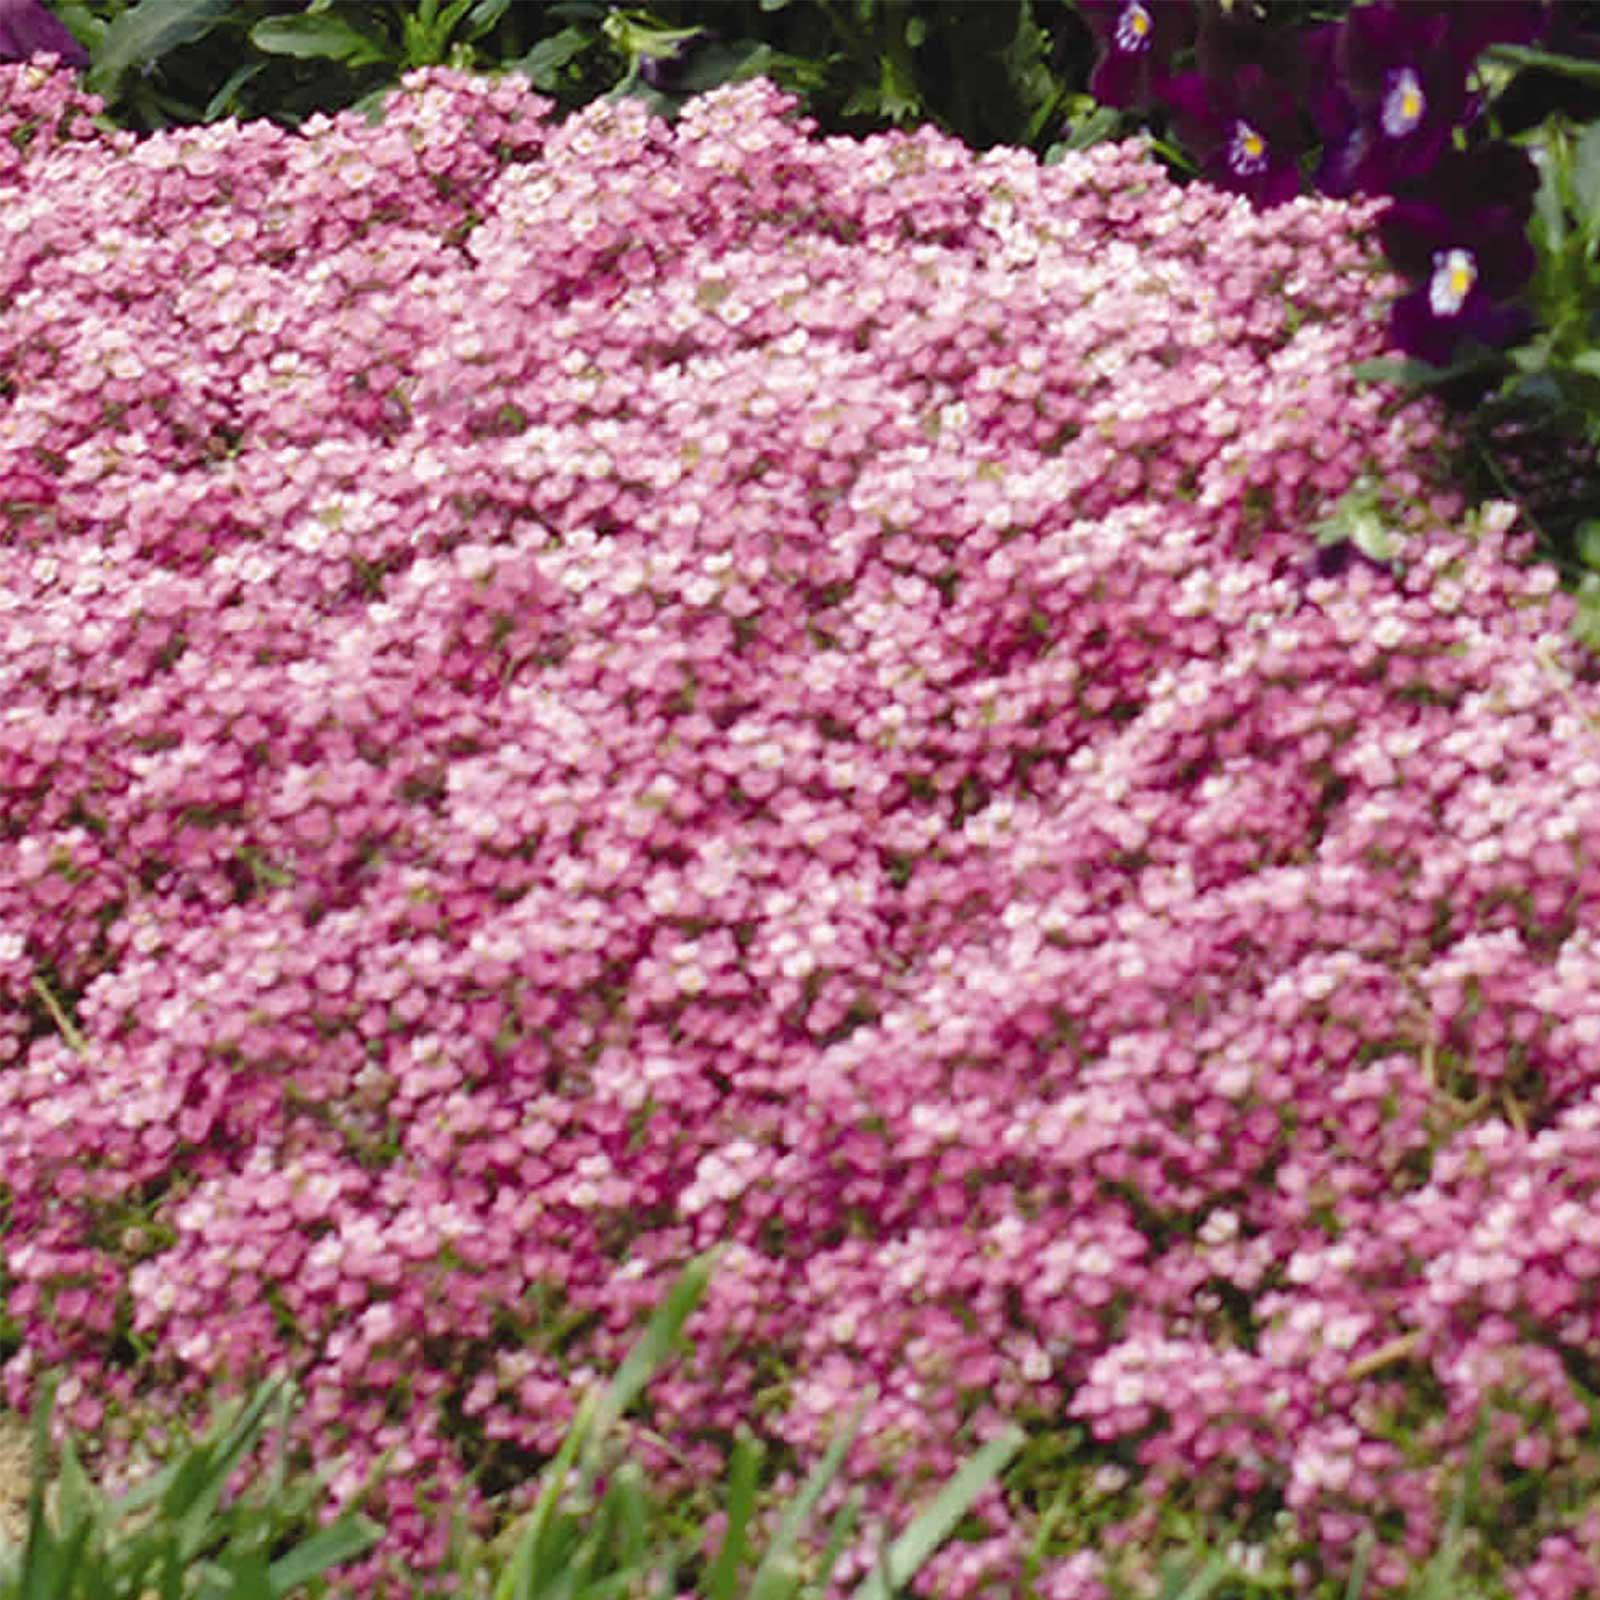 Alyssum Easter Bonnet Seeds - Color: Deep Pink - Approx 5000 Annual Flower Garden Seeds - Lobularia maritima